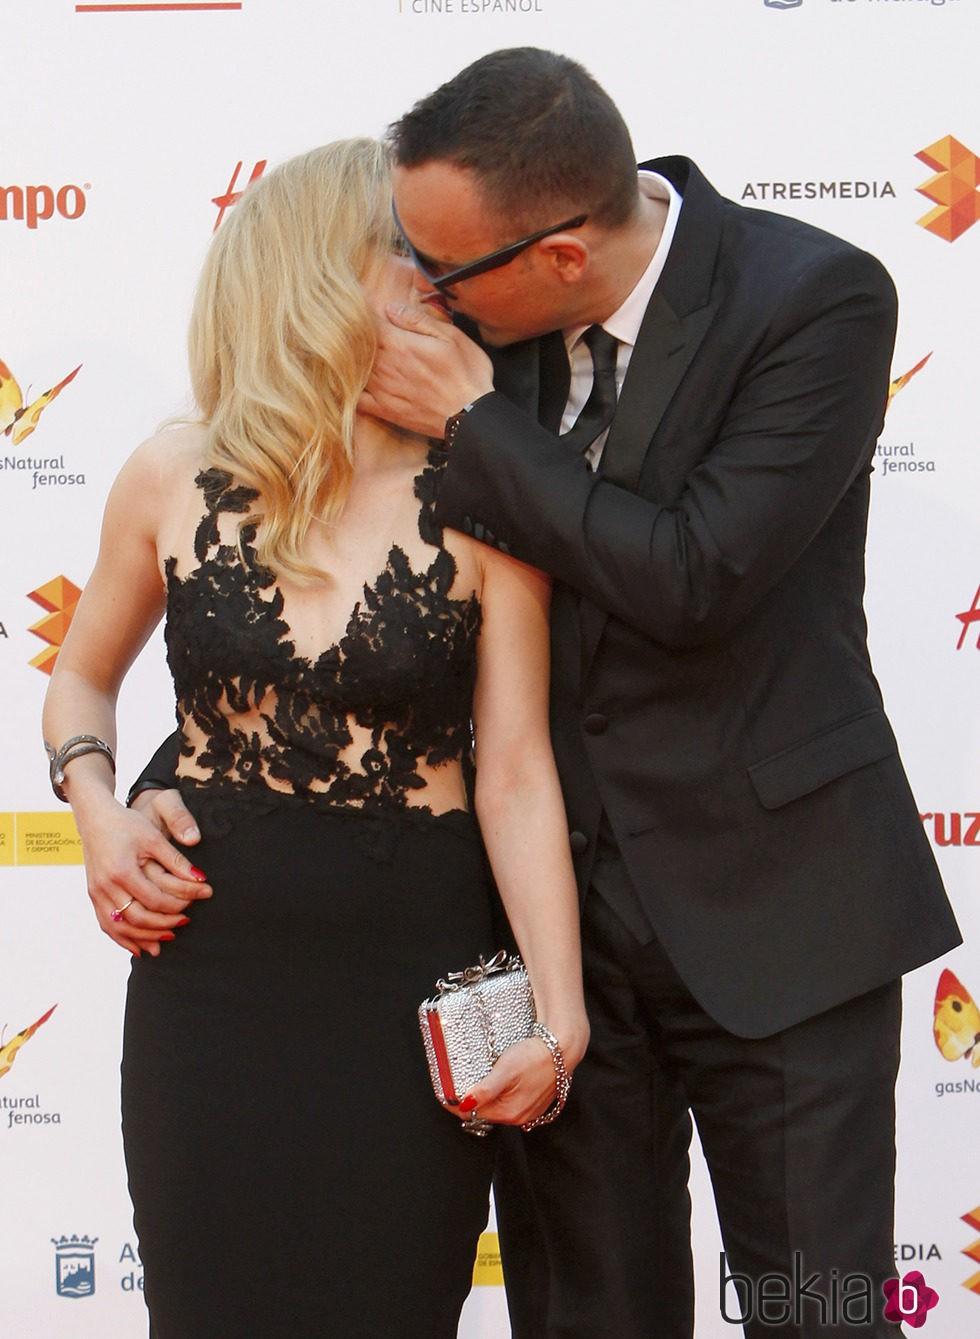 Risto Mejide y Carla Nieto, un beso de película en la alfombra roja del Festival de Cine de Málaga